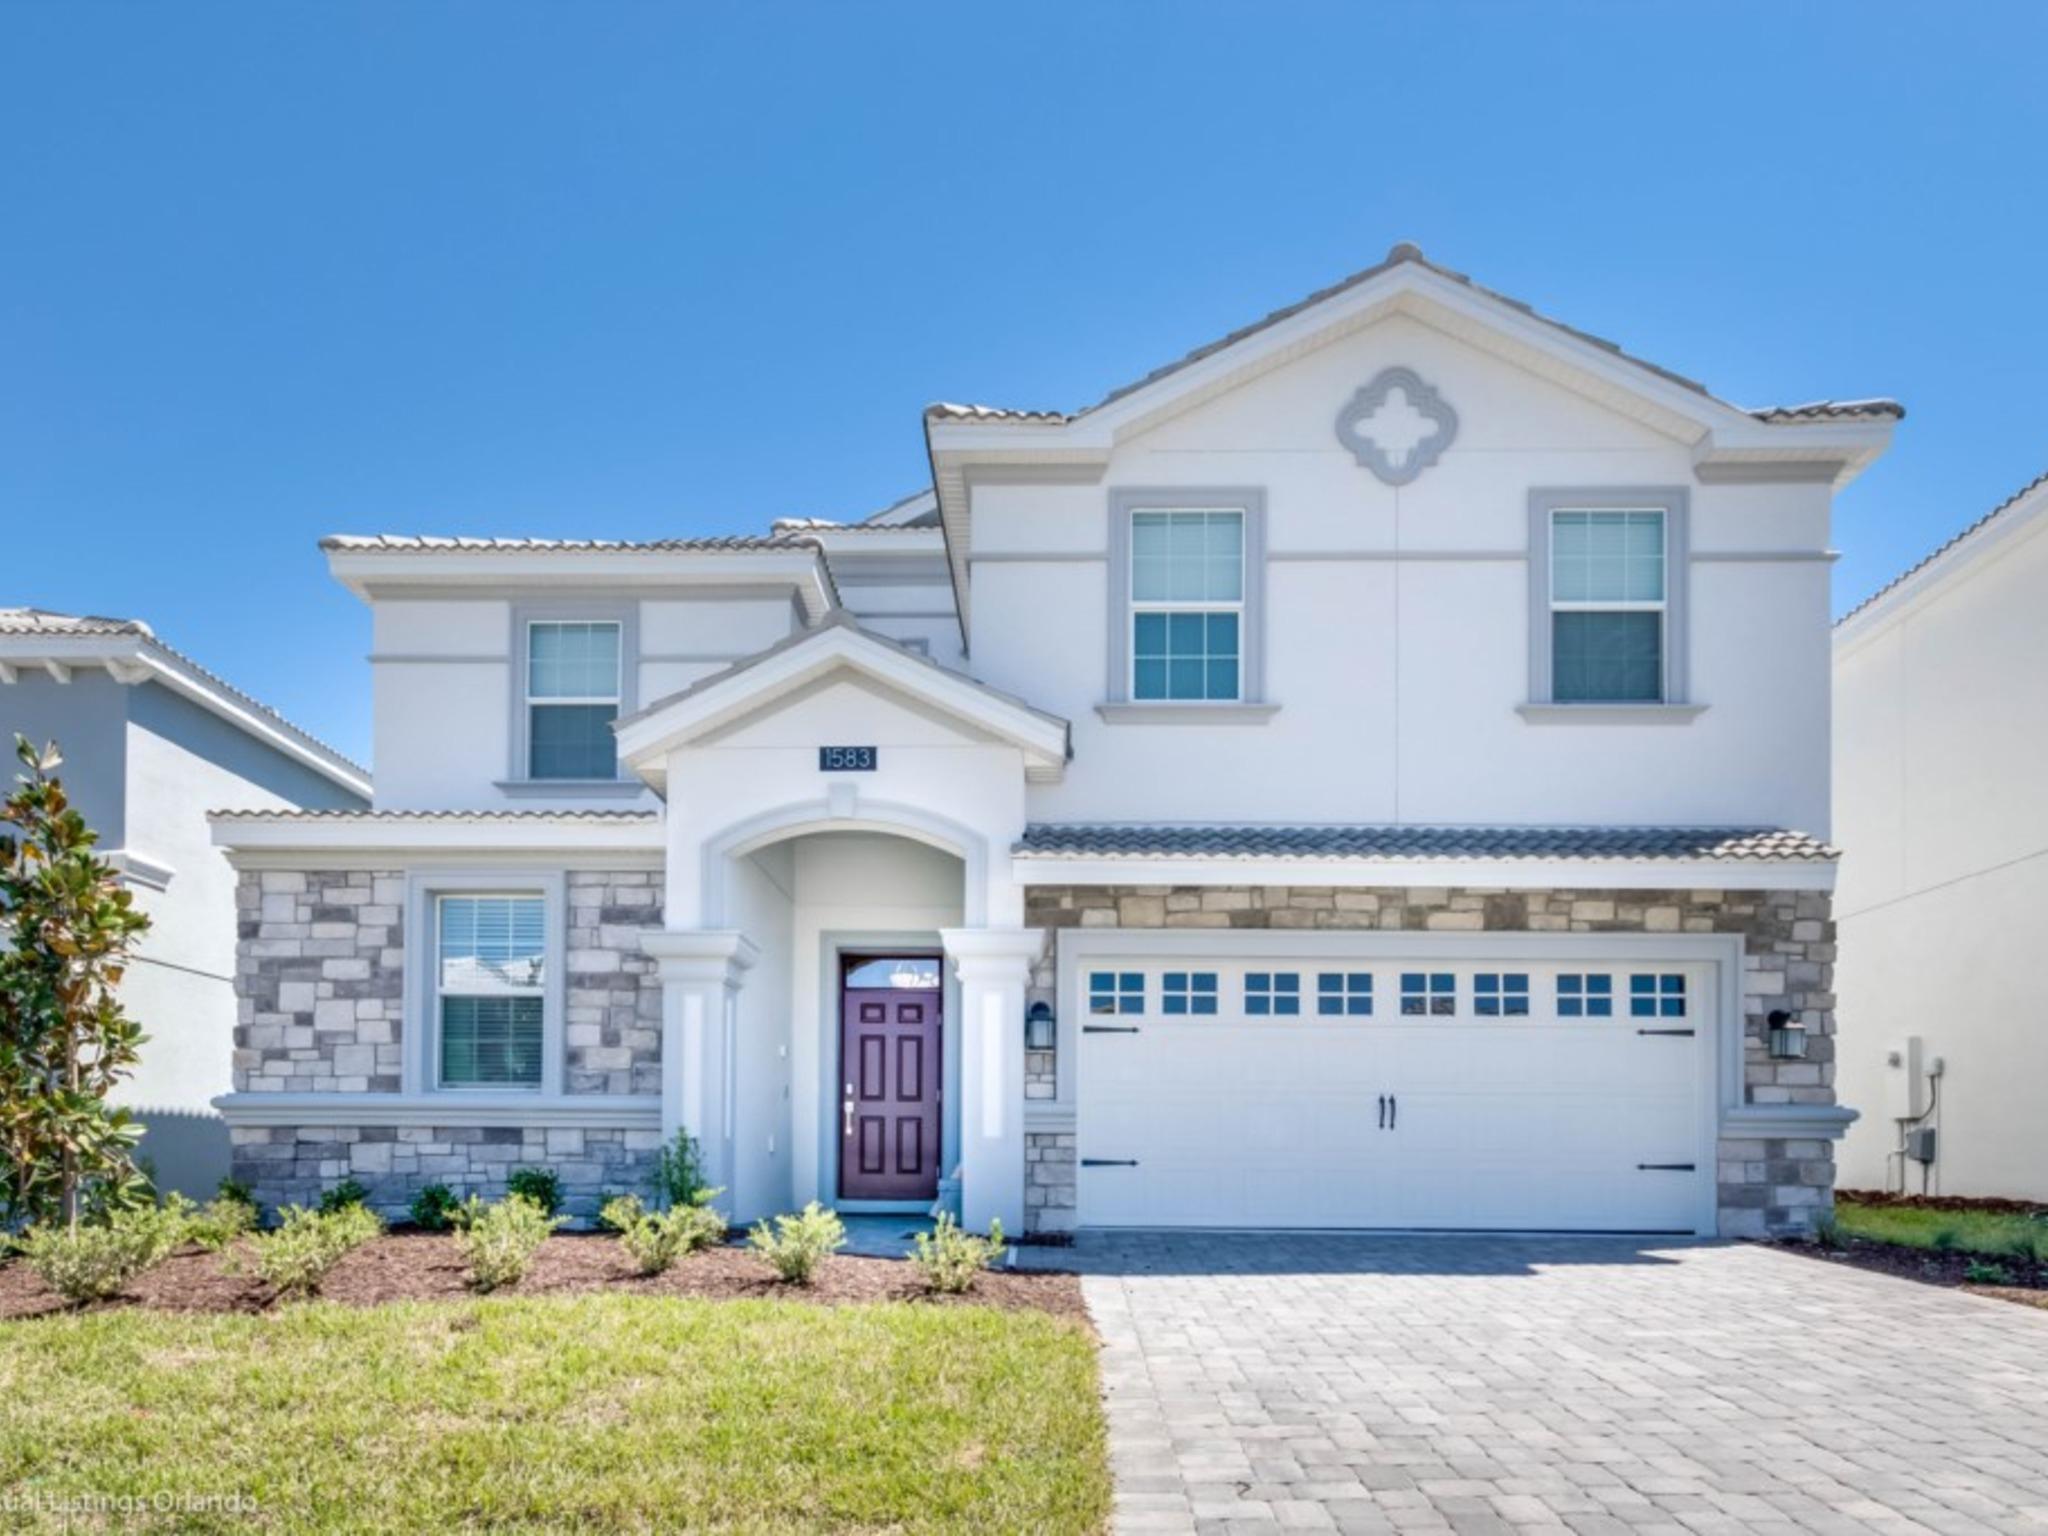 Plunker Drive Villa #258881, Davenport , Fl | Vacation Rentals - Davenport Florida Hotels Map